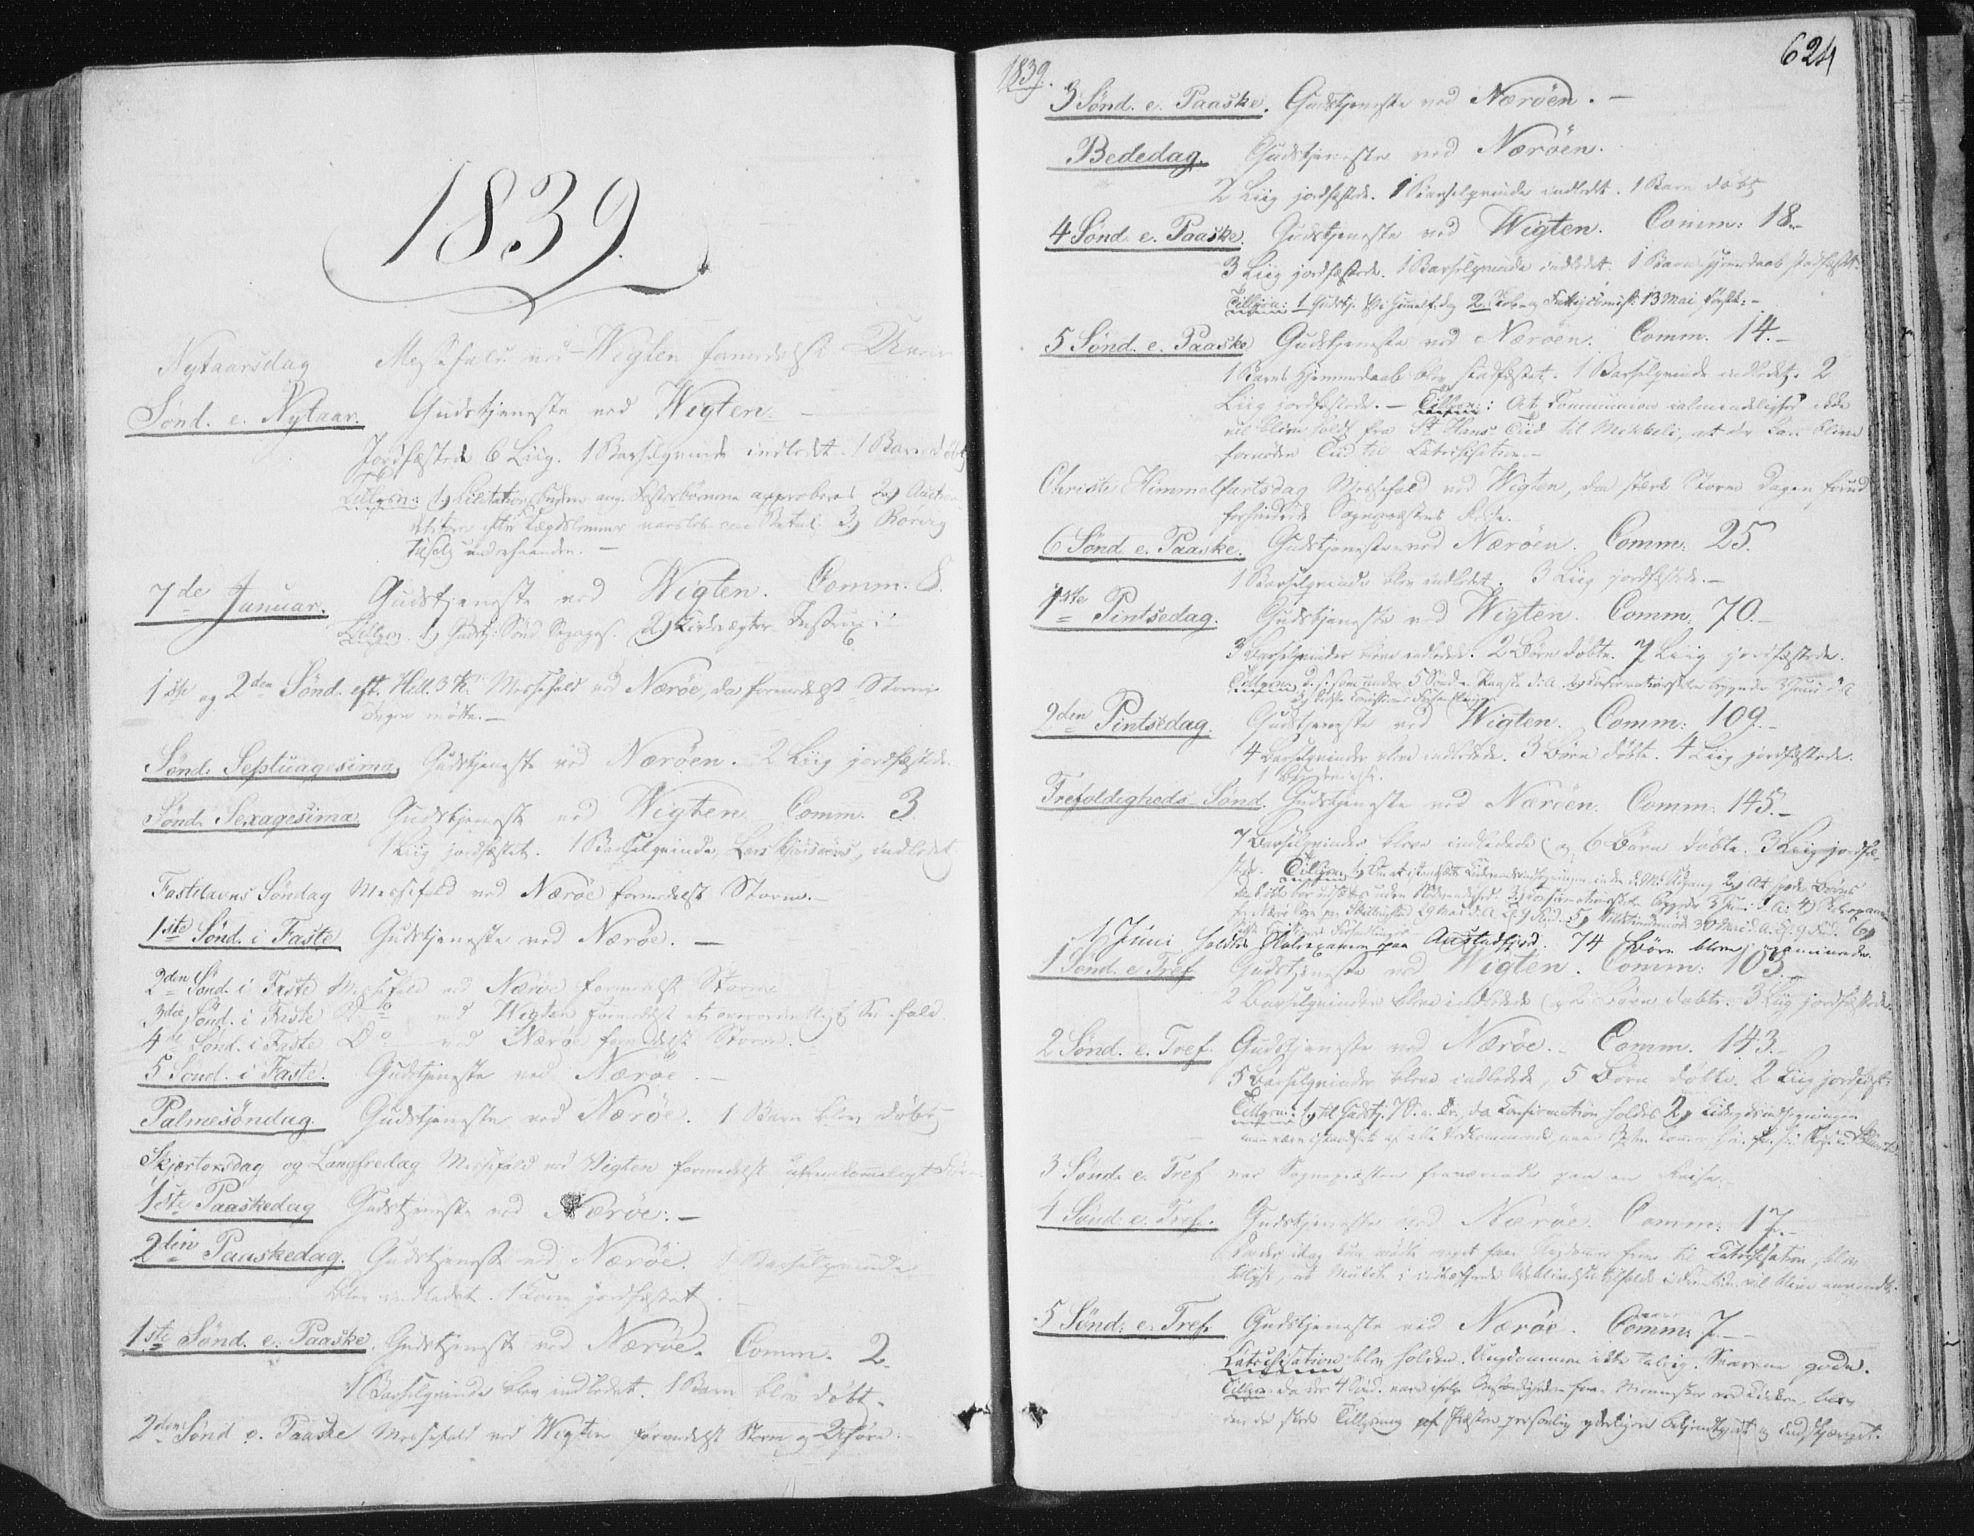 SAT, Ministerialprotokoller, klokkerbøker og fødselsregistre - Nord-Trøndelag, 784/L0669: Ministerialbok nr. 784A04, 1829-1859, s. 624